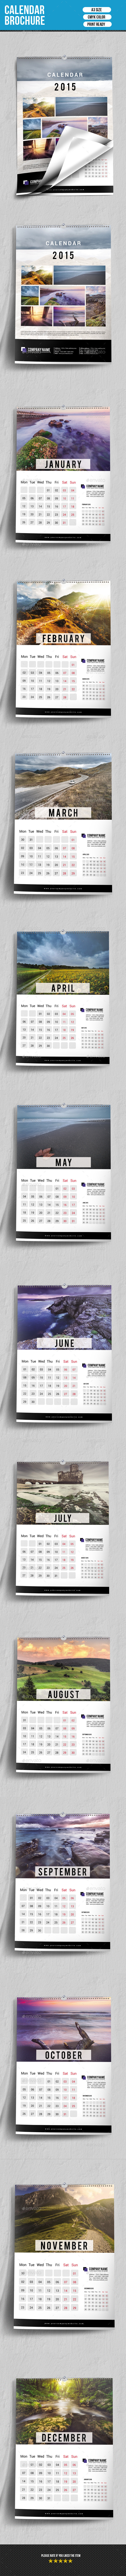 GraphicRiver Wall Calendar Template-V08 9609542